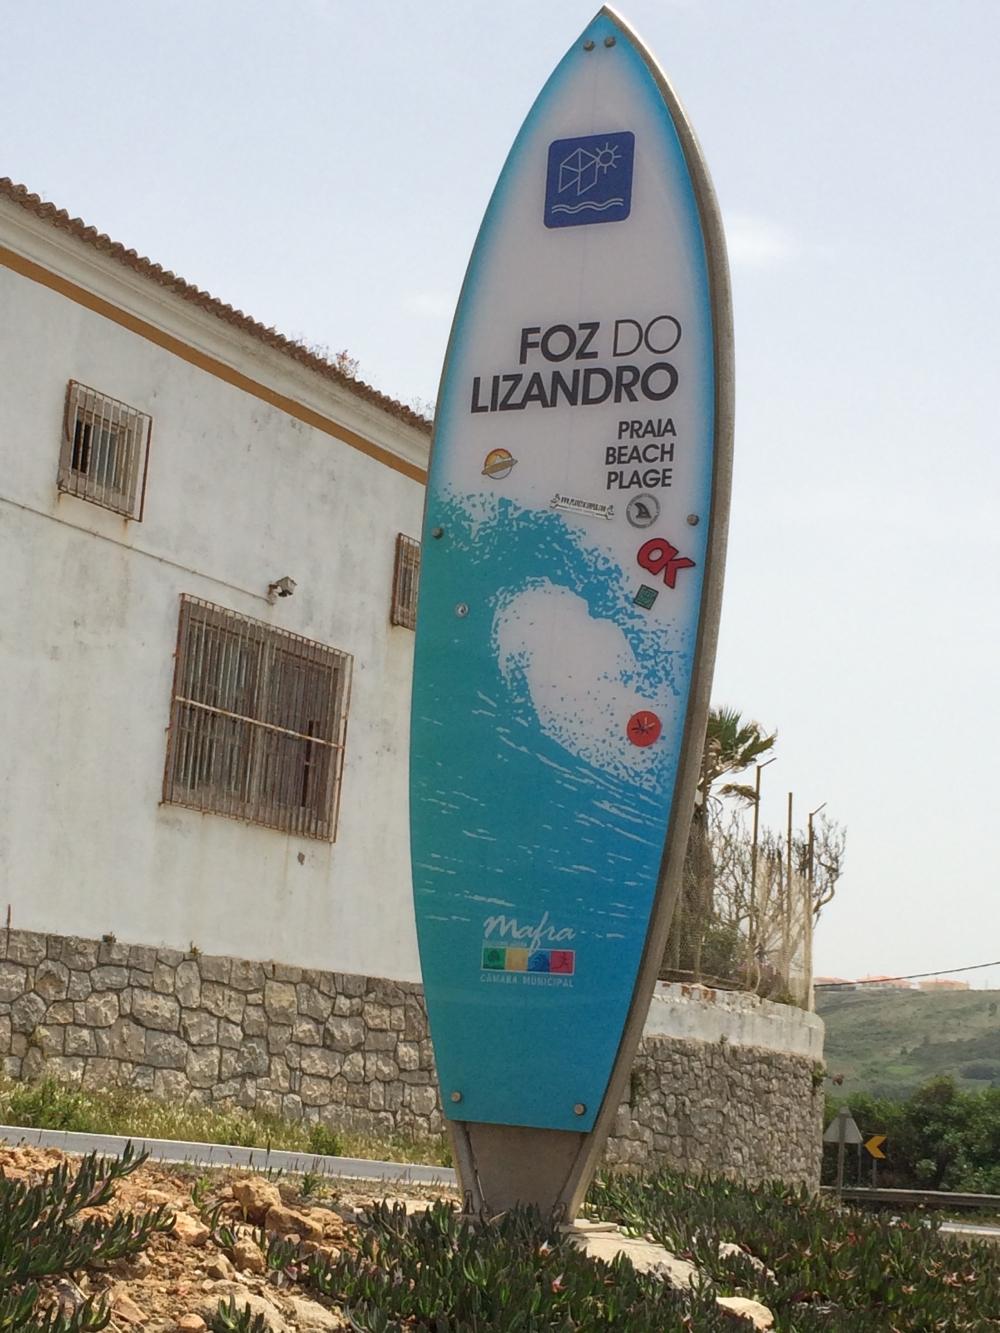 Foz do Lizandro